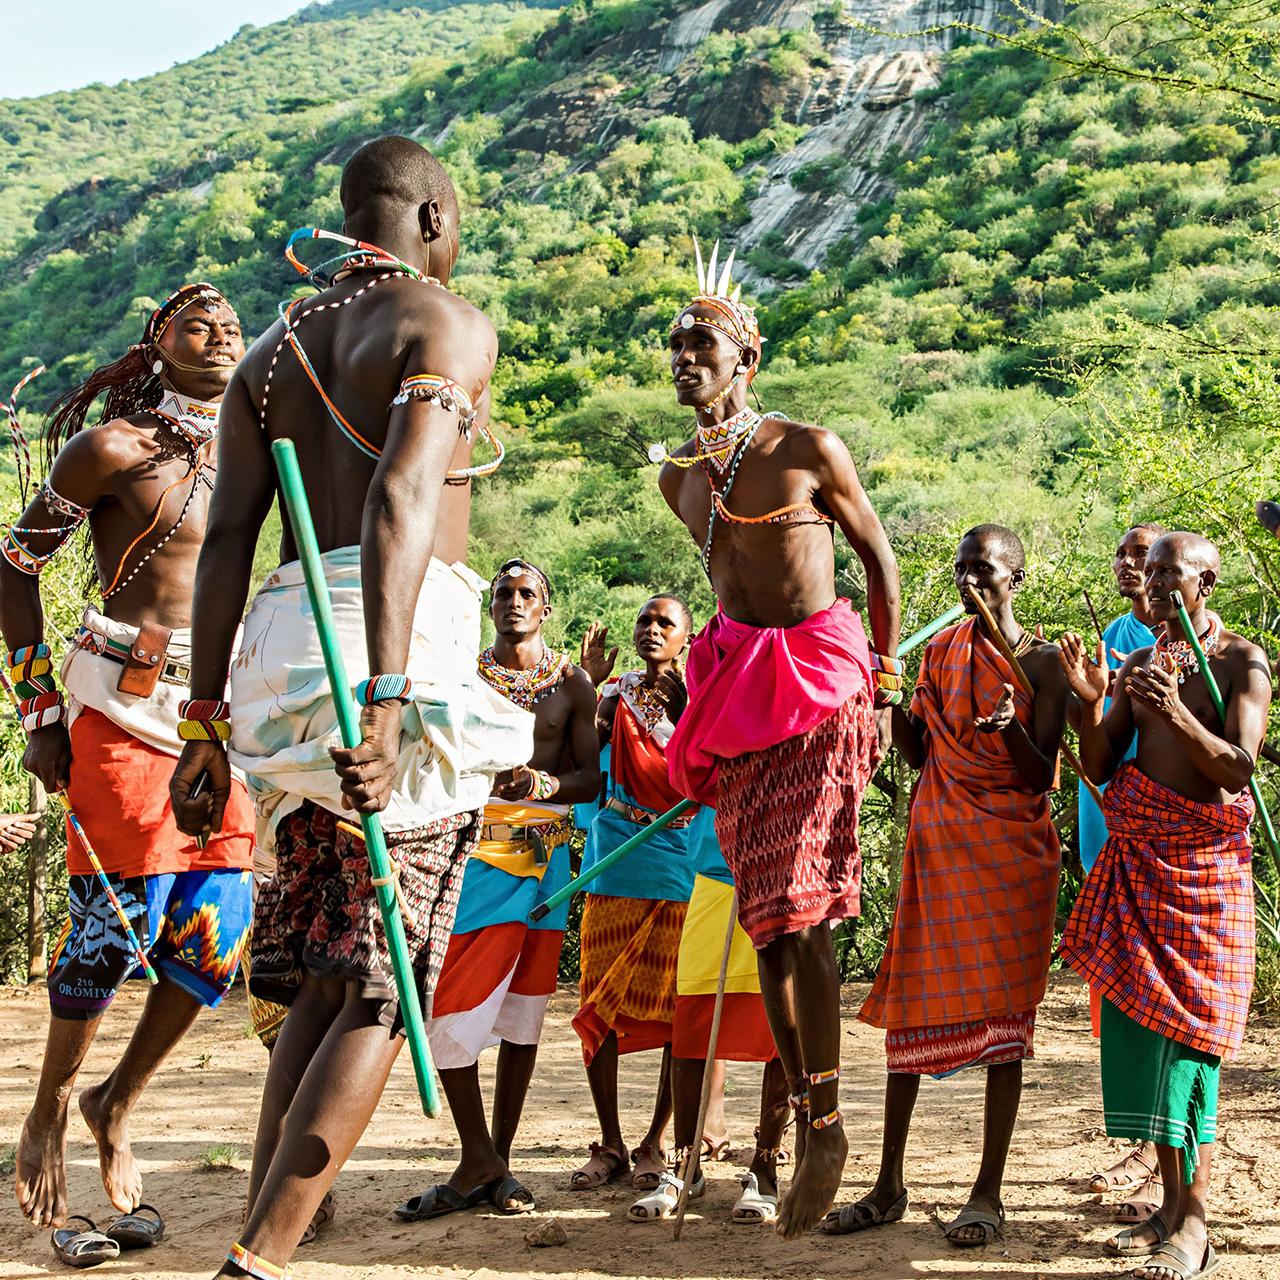 samburu warrior camp in Kenya